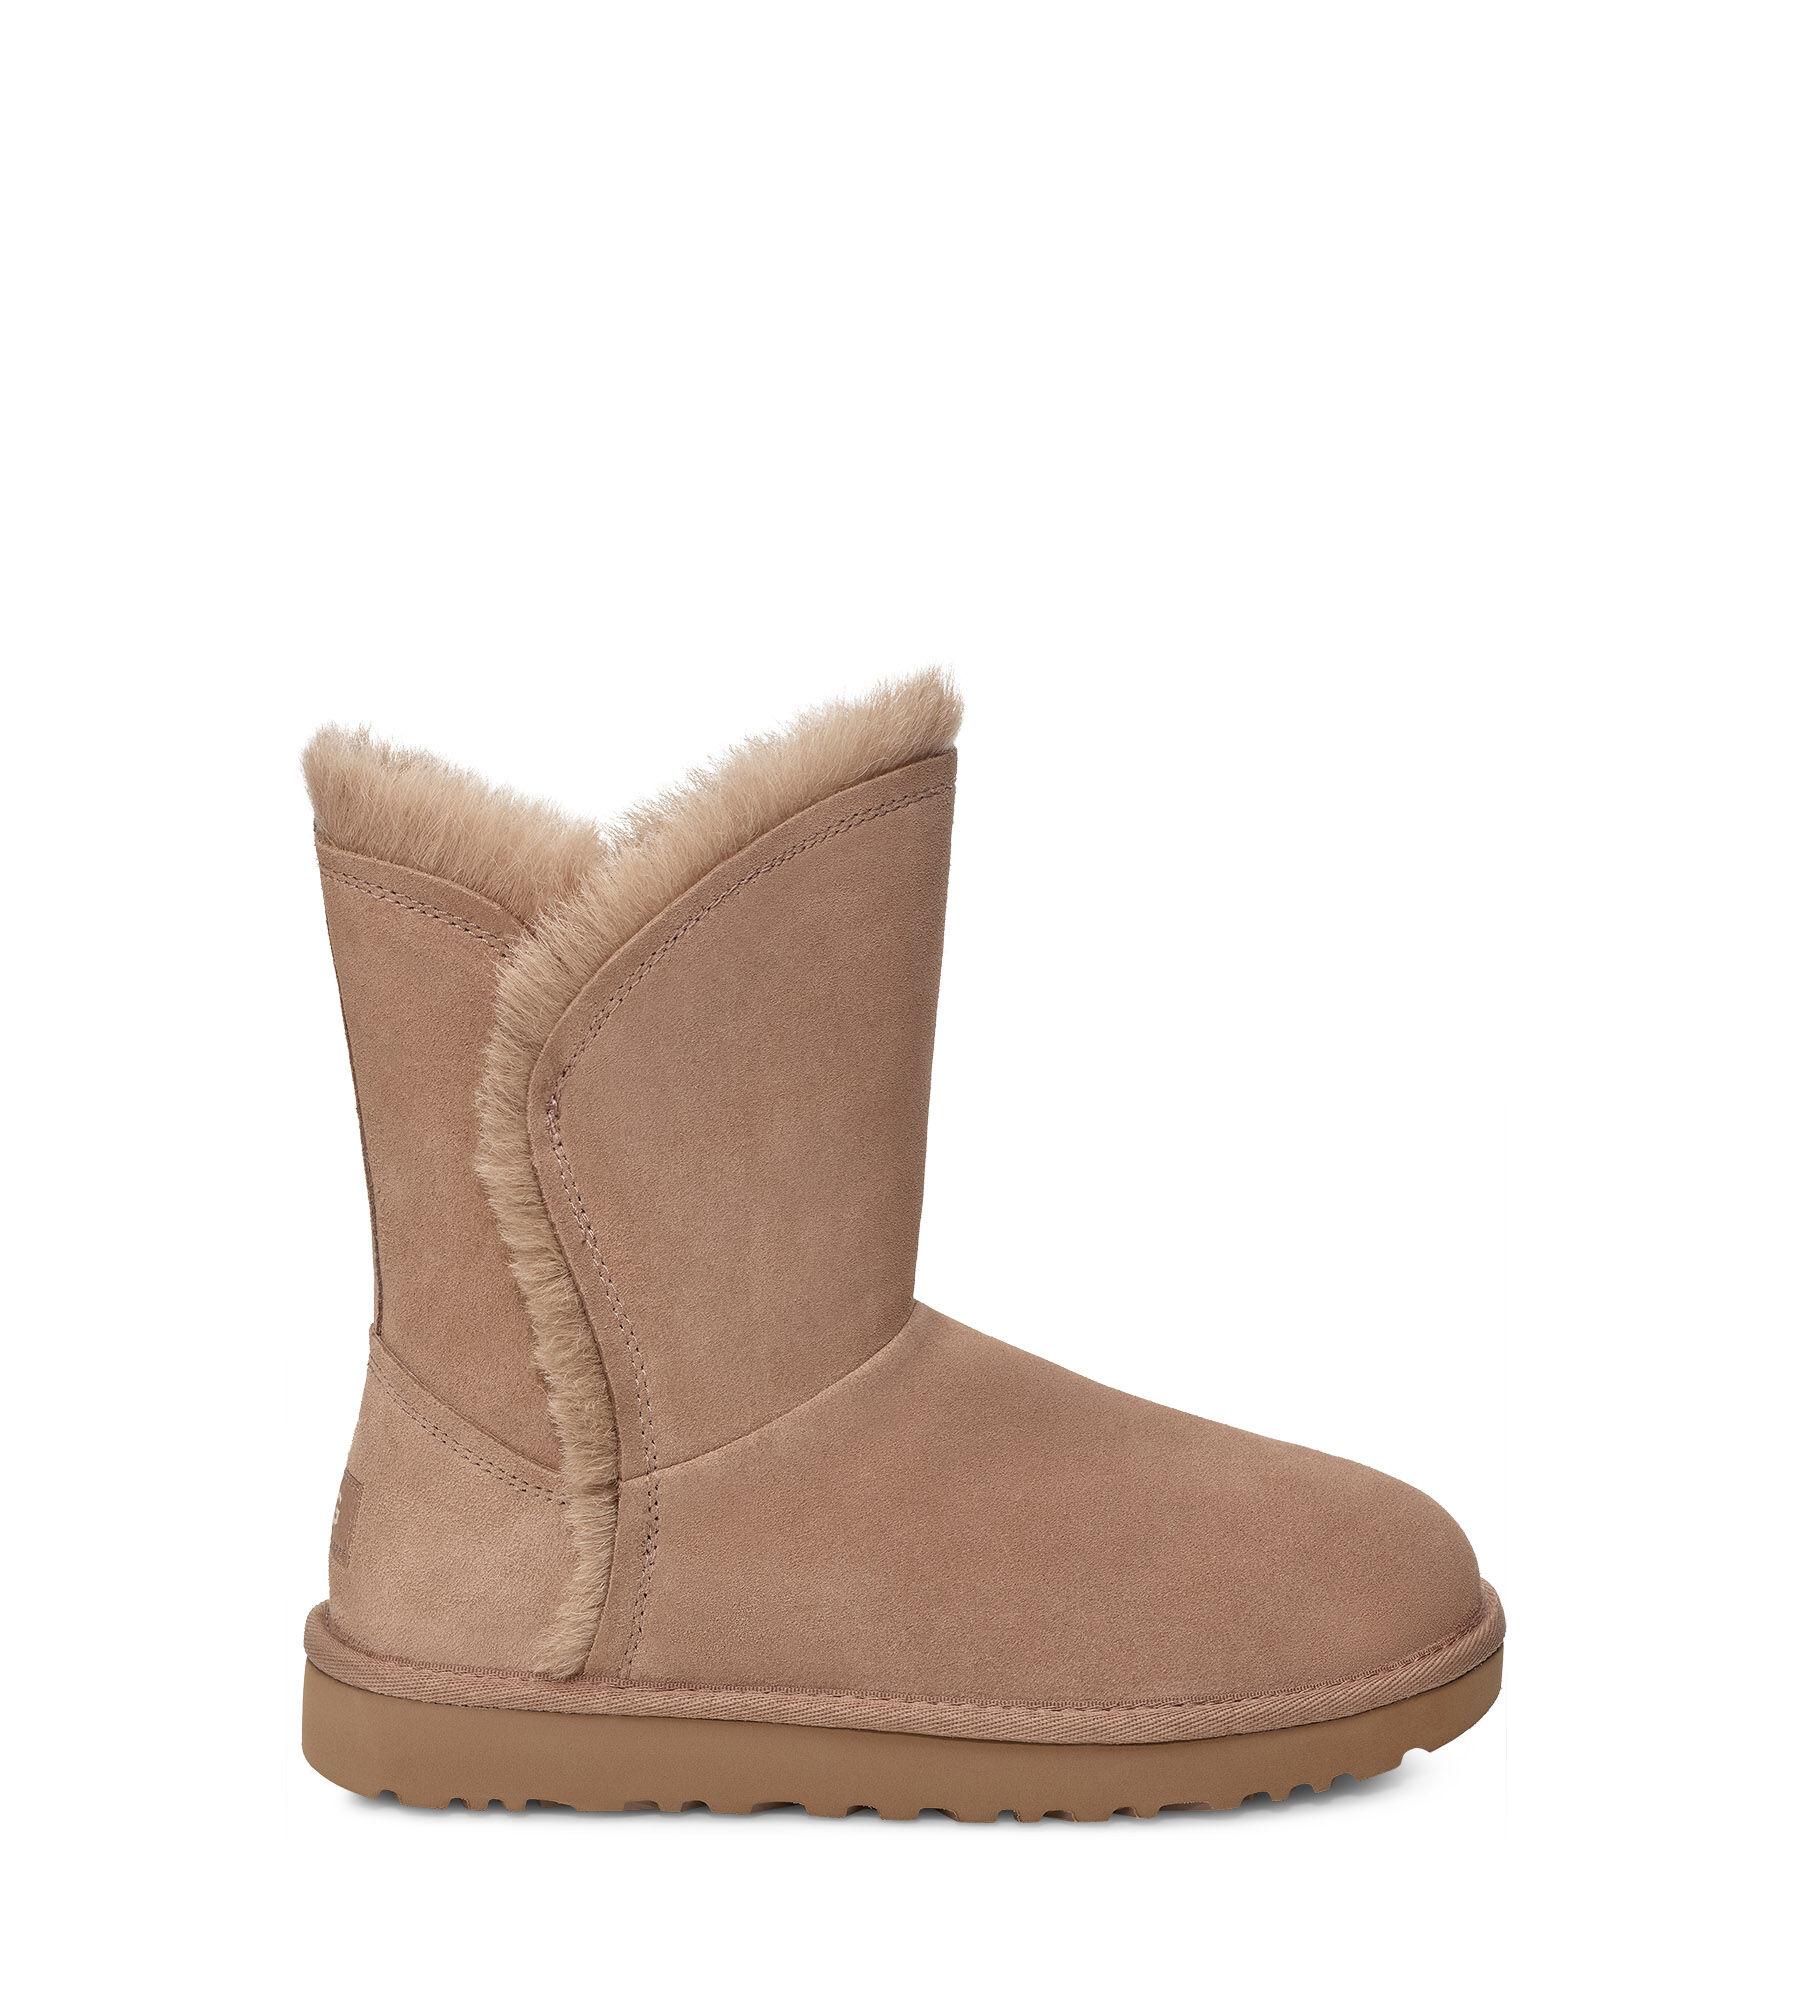 Rieker women ankle boot blue Z9961 14